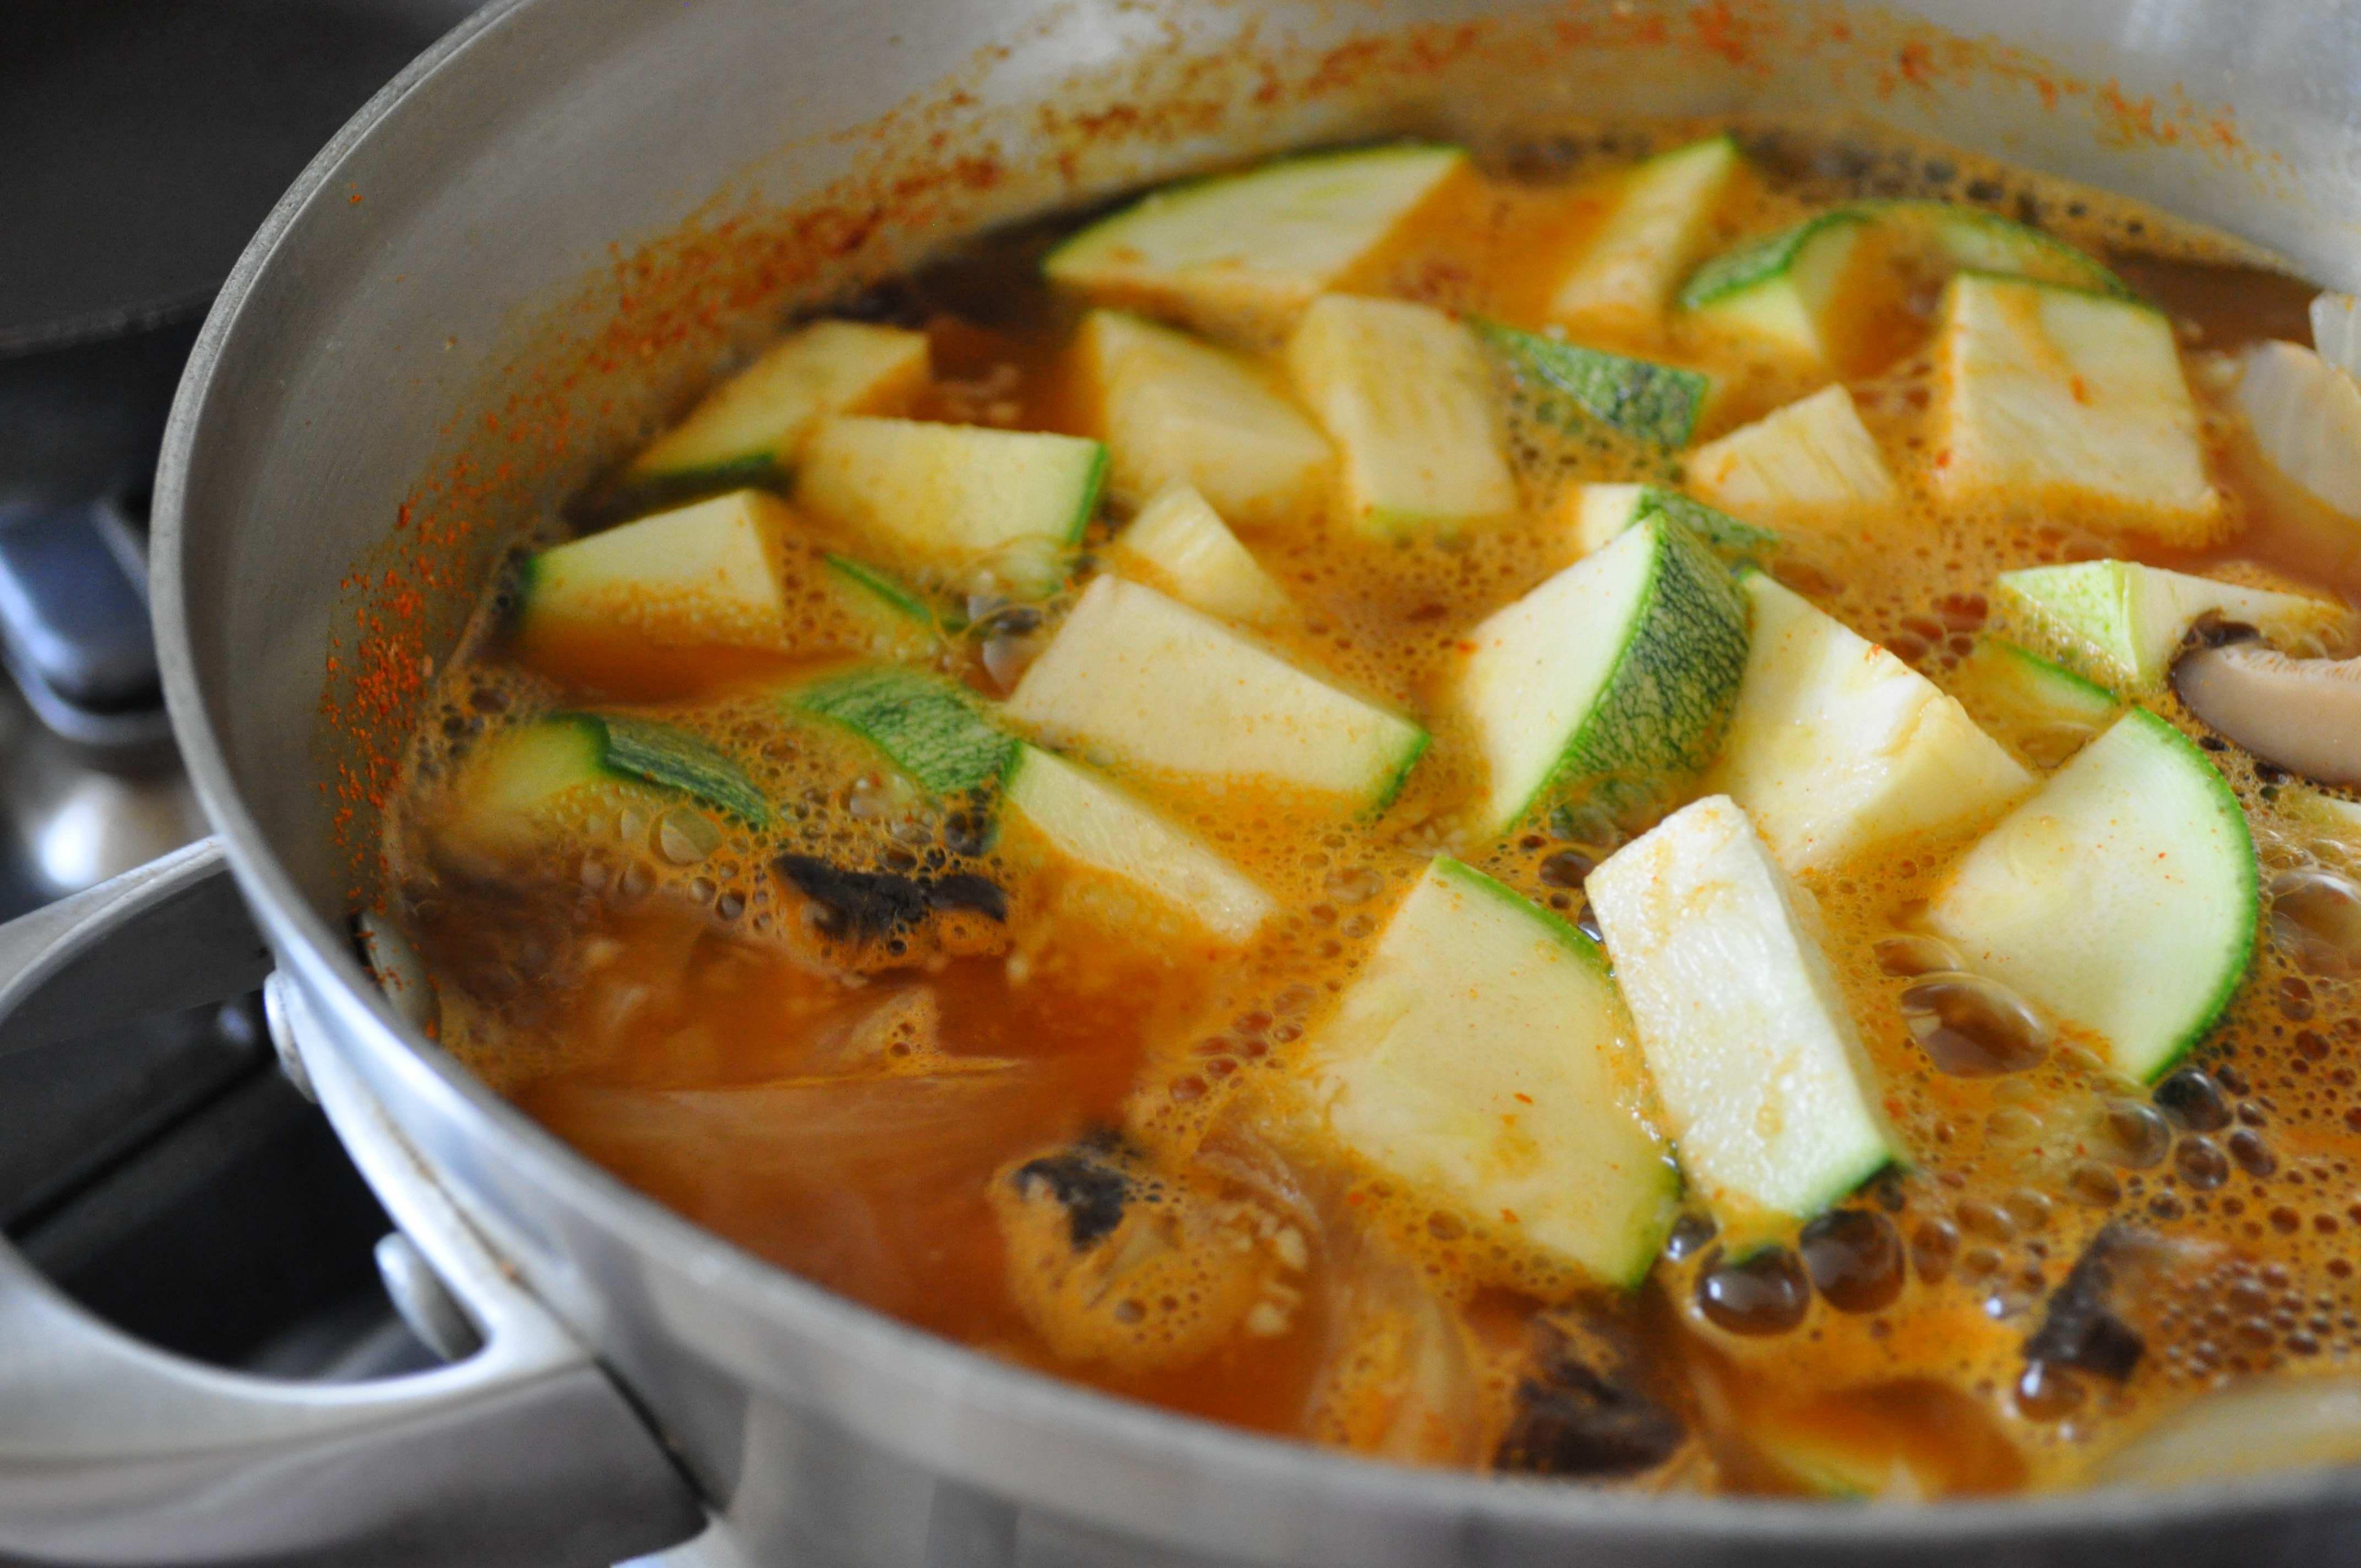 Gochujang jjigae with vegetables